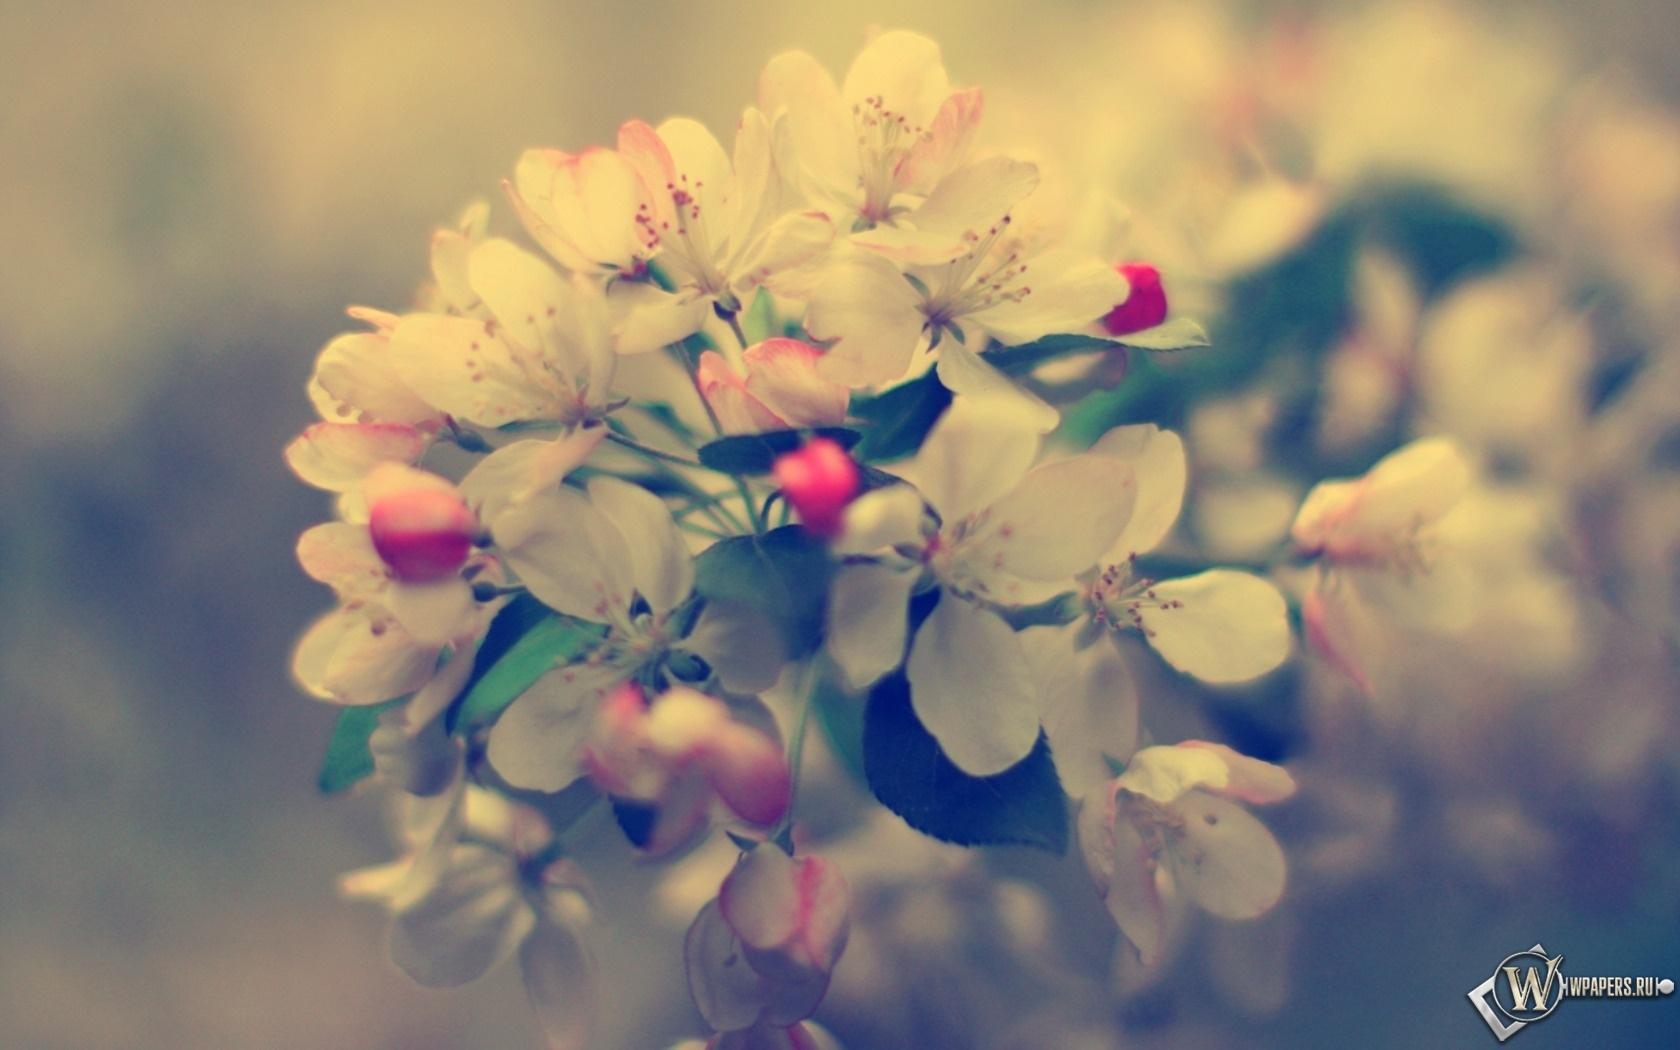 Весенние цветы 1680x1050